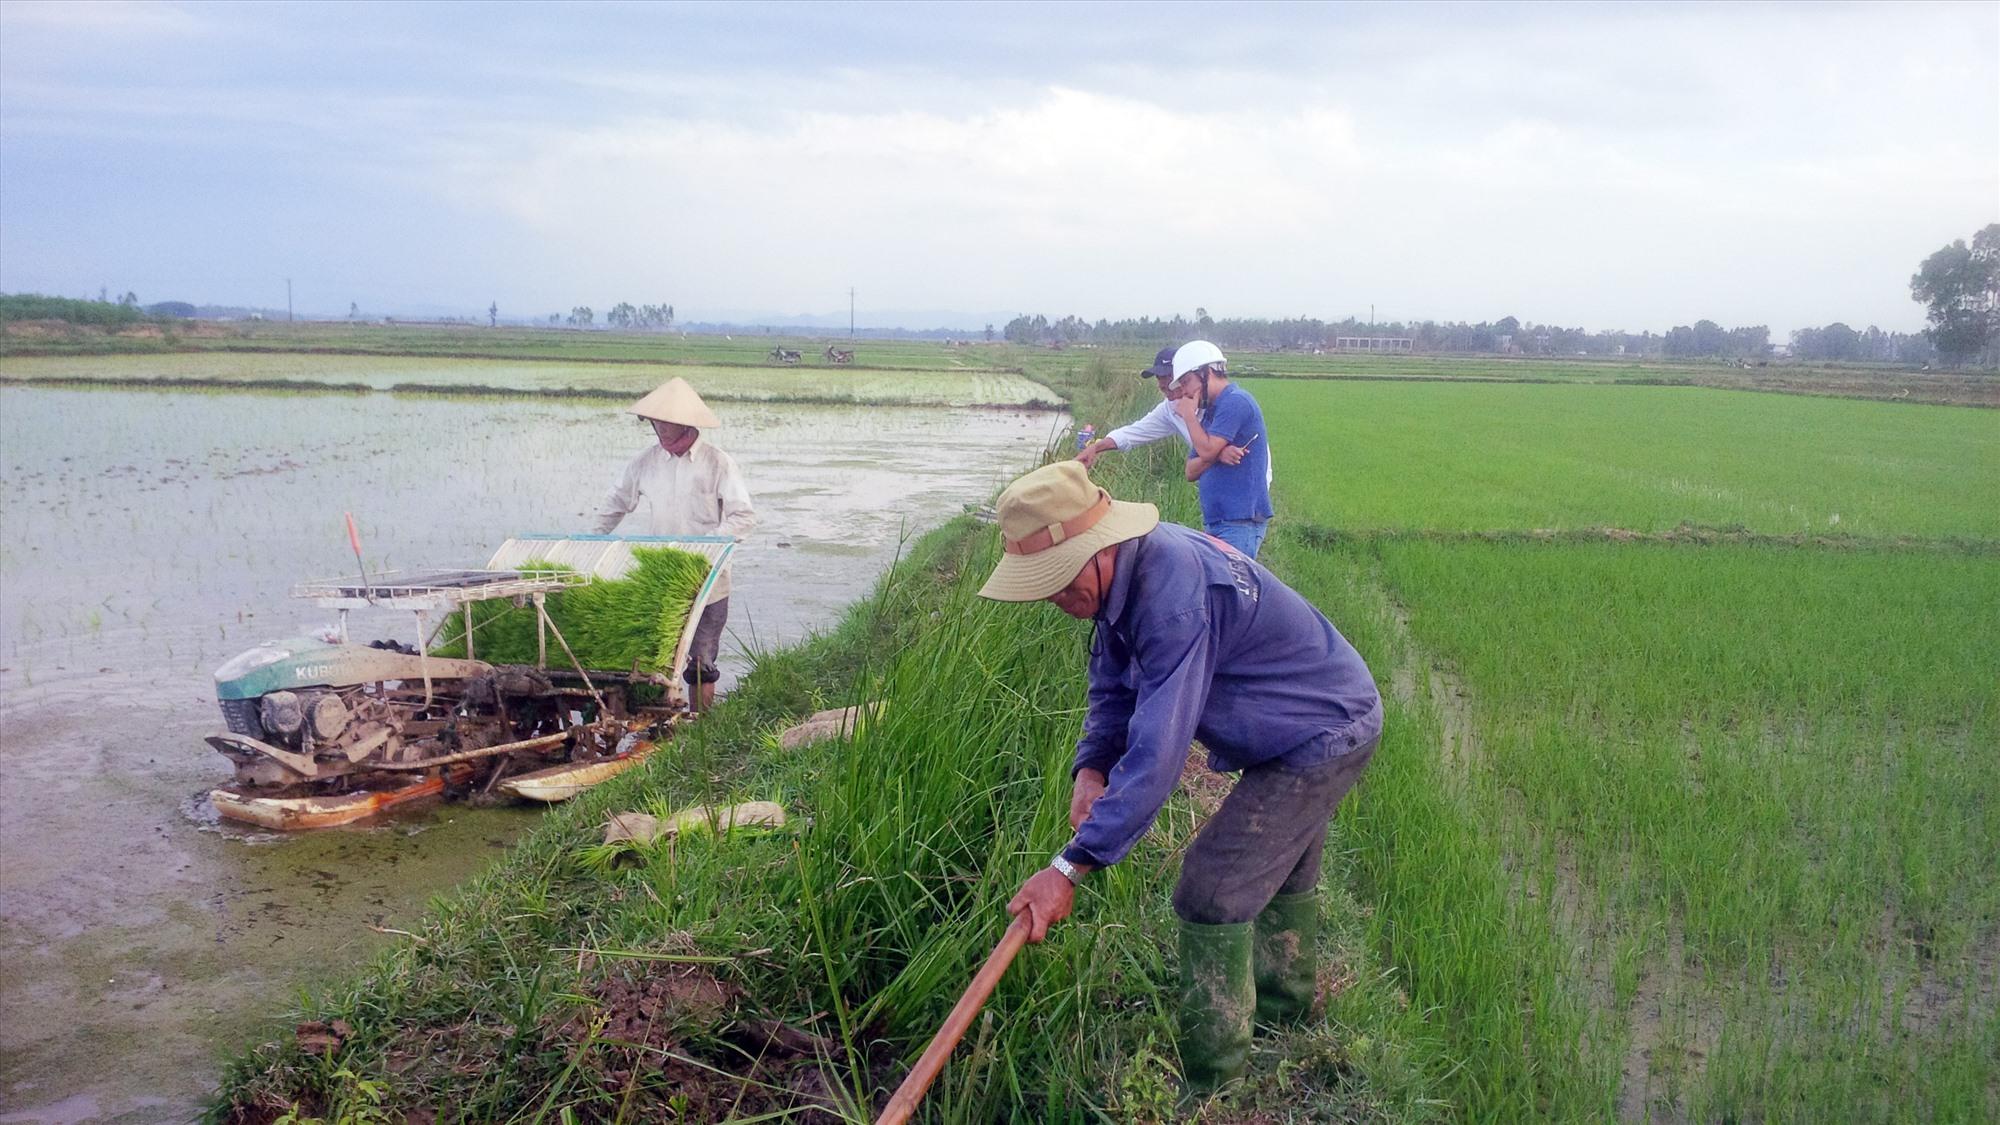 Nhanh chóng hiện đại hóa nền sản xuất nông nghiệp là một trong những mục tiêu của Quảng Nam trong thời gian tới. Ảnh: H.Q